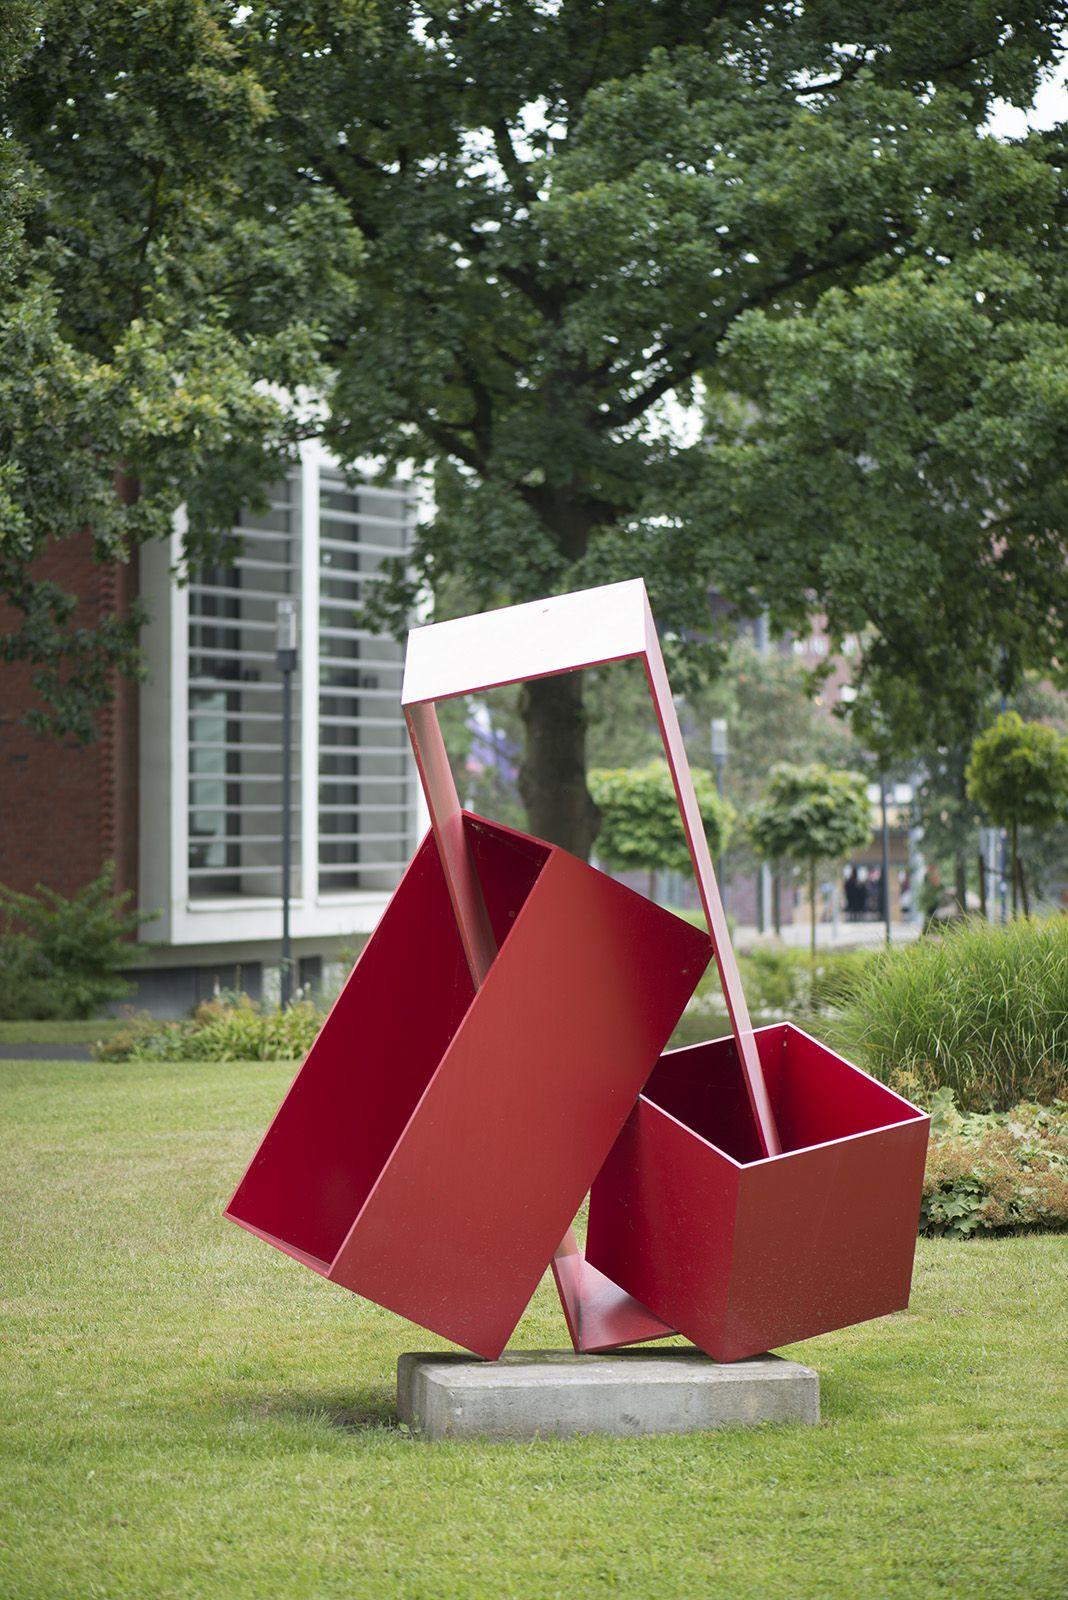 """#BadOldesloe Für seine Stahlskulptur """"Kubushochzeit"""" verschränkte und verhakte Bildhauer HD Schrader drei unterschiedlich große kubische Körper in leuchtendem Rot zu einer komplexen und doch klaren Form."""